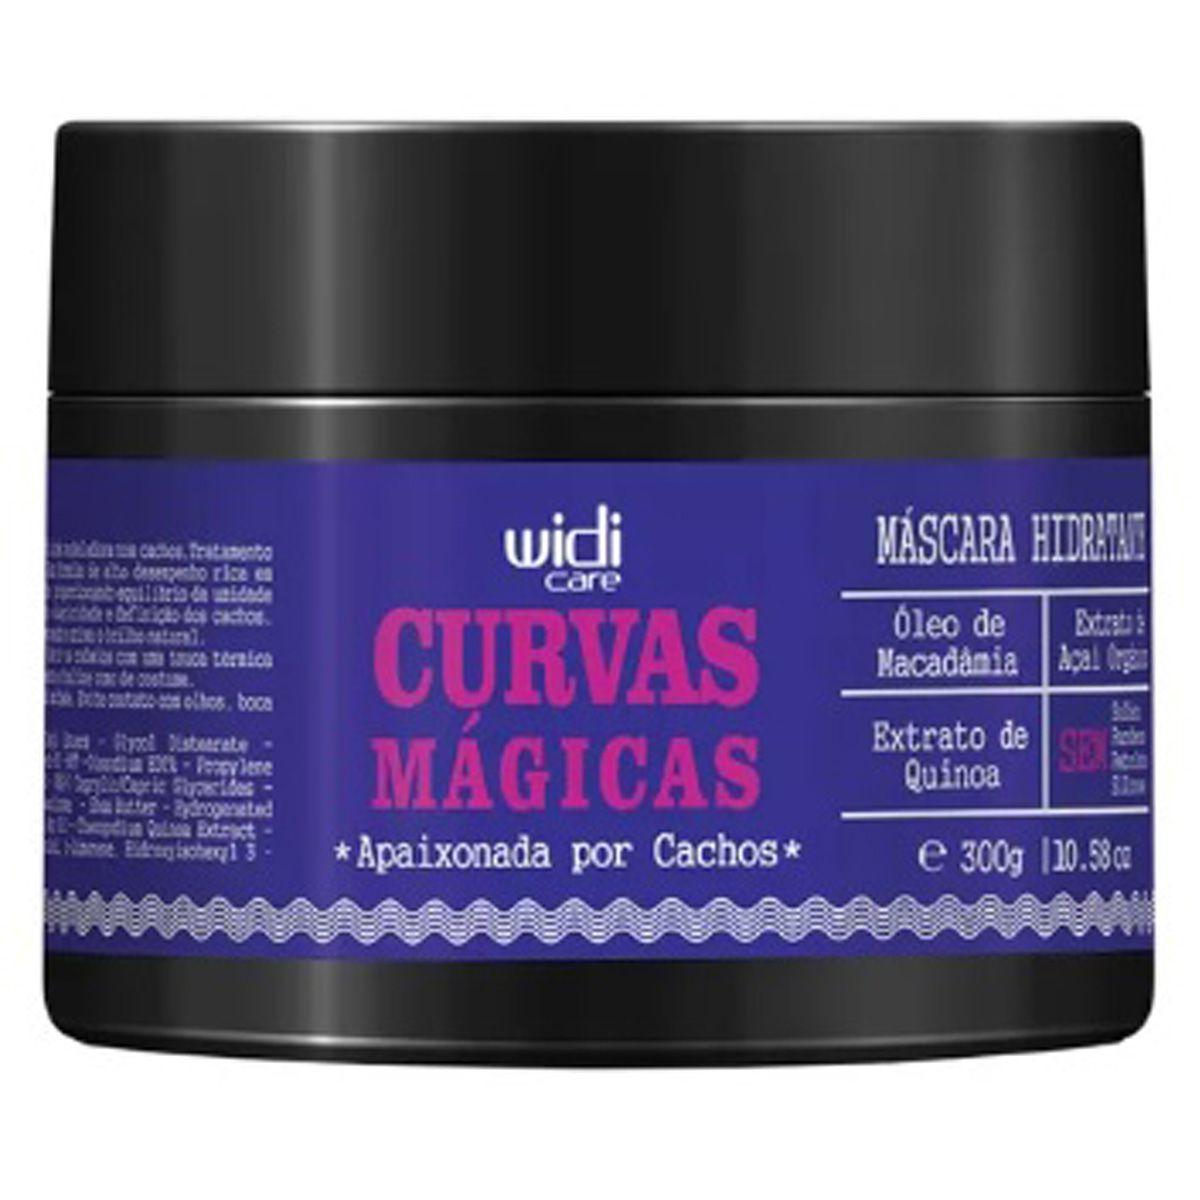 Widi Care - Curvas Mágicas - Máscara hidratante - 300g